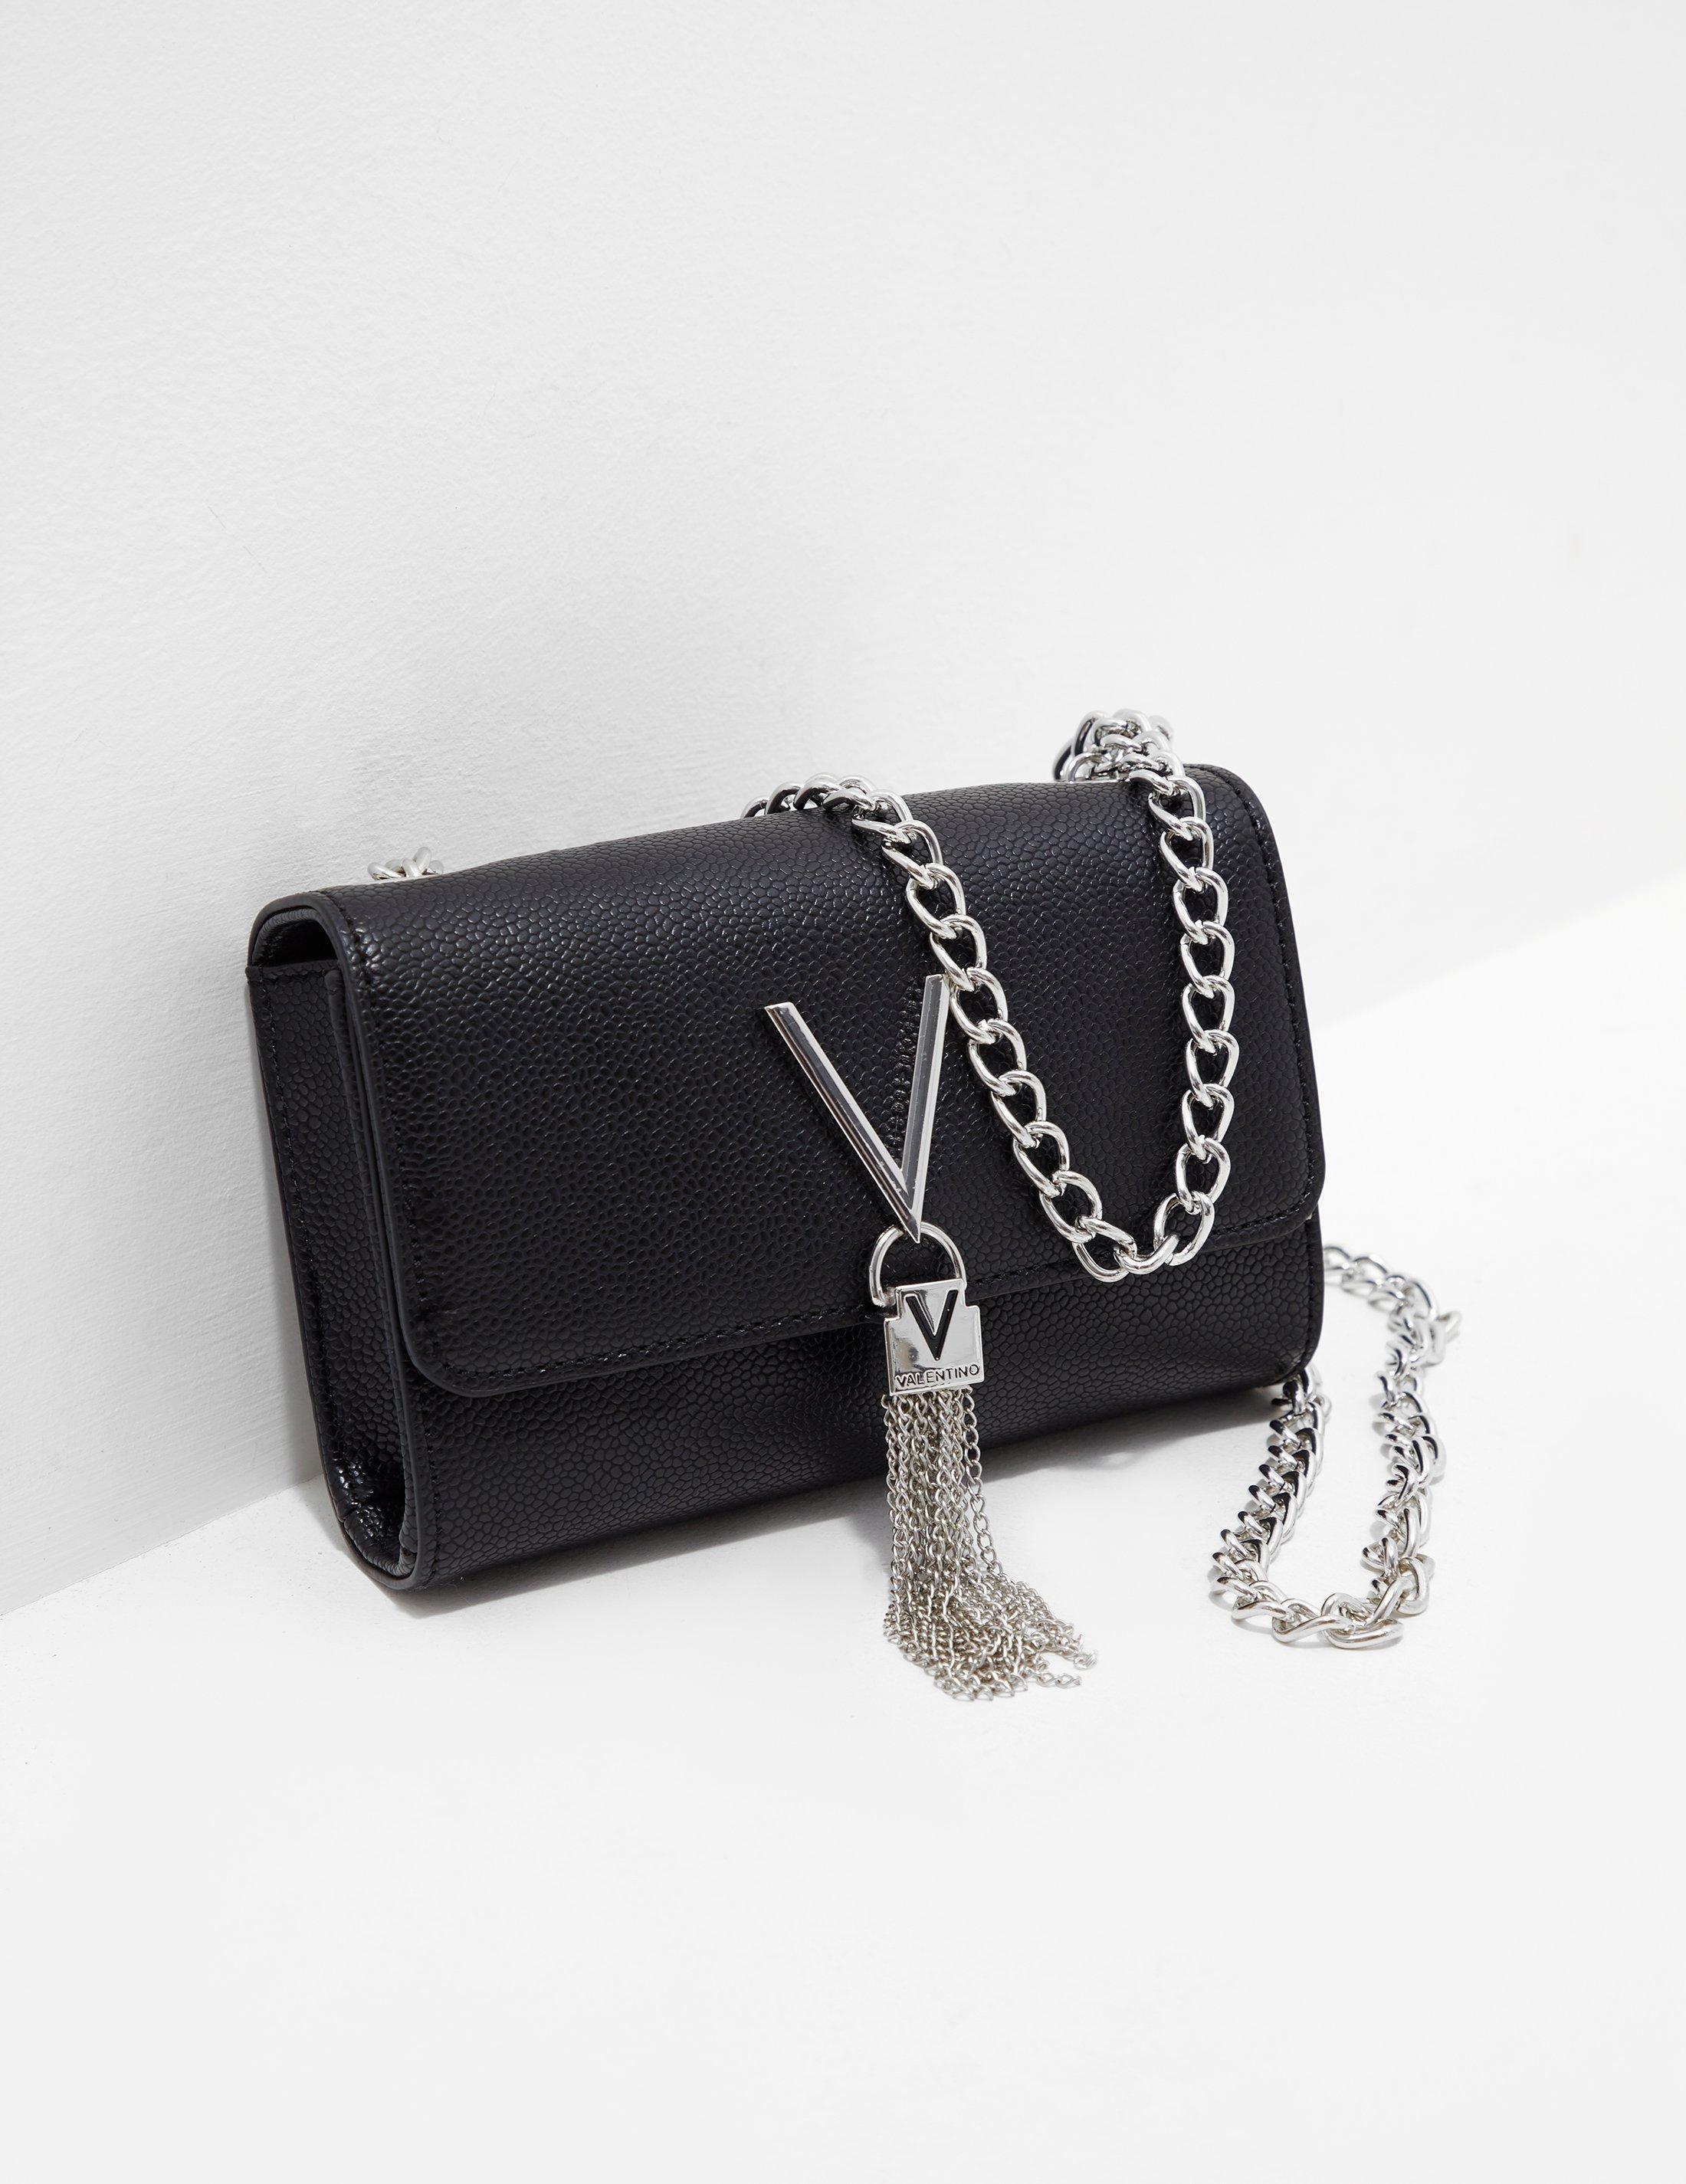 3a7f580e30cb3 Valentino By Mario Valentino. Women s Divina Chain Shoulder Bag Black